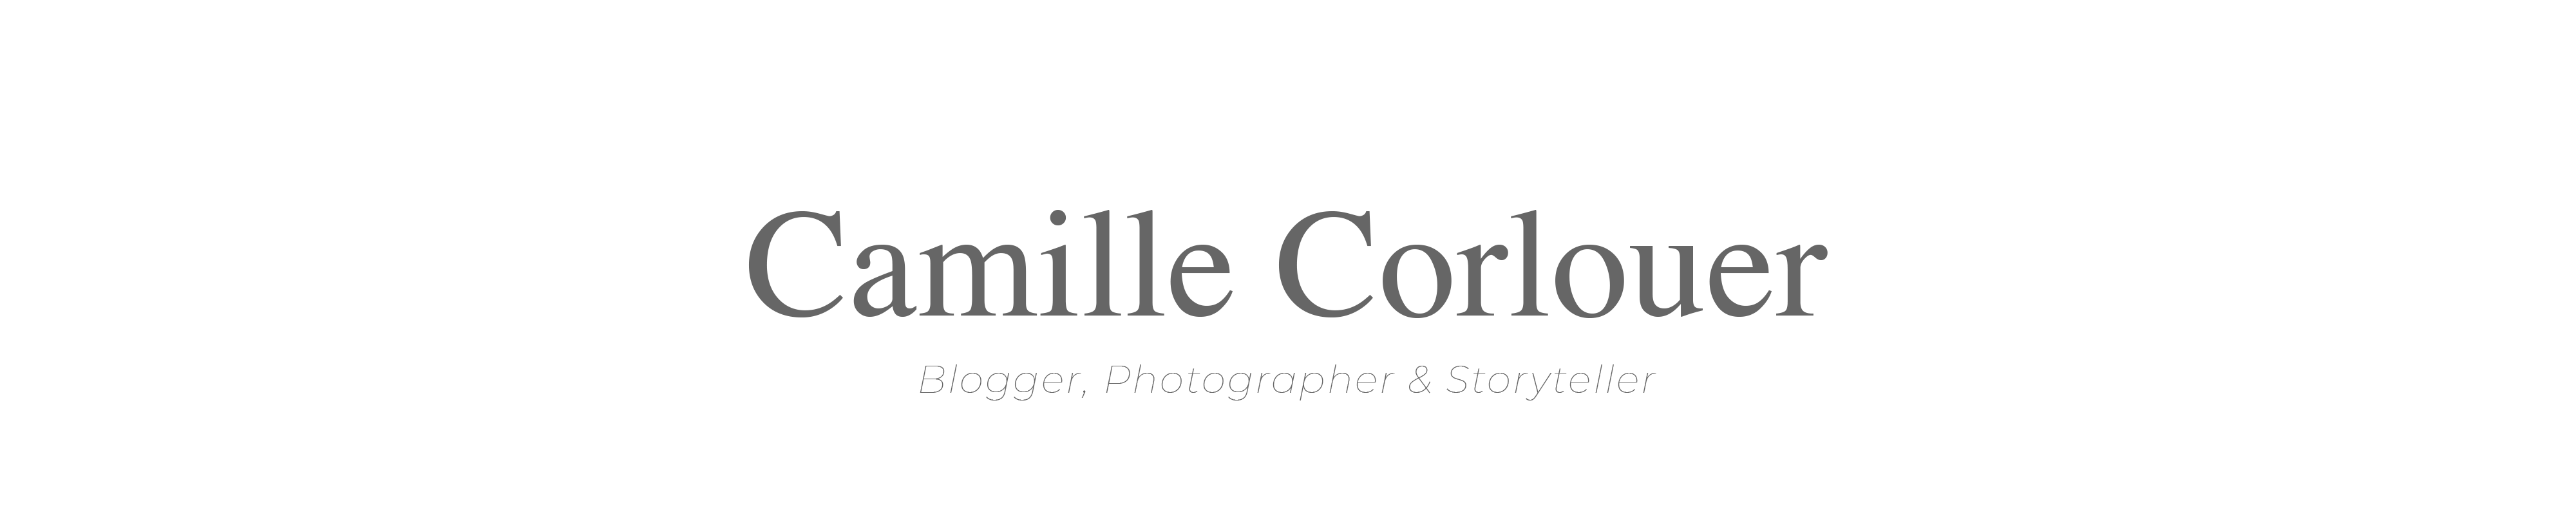 Camille Corlouer